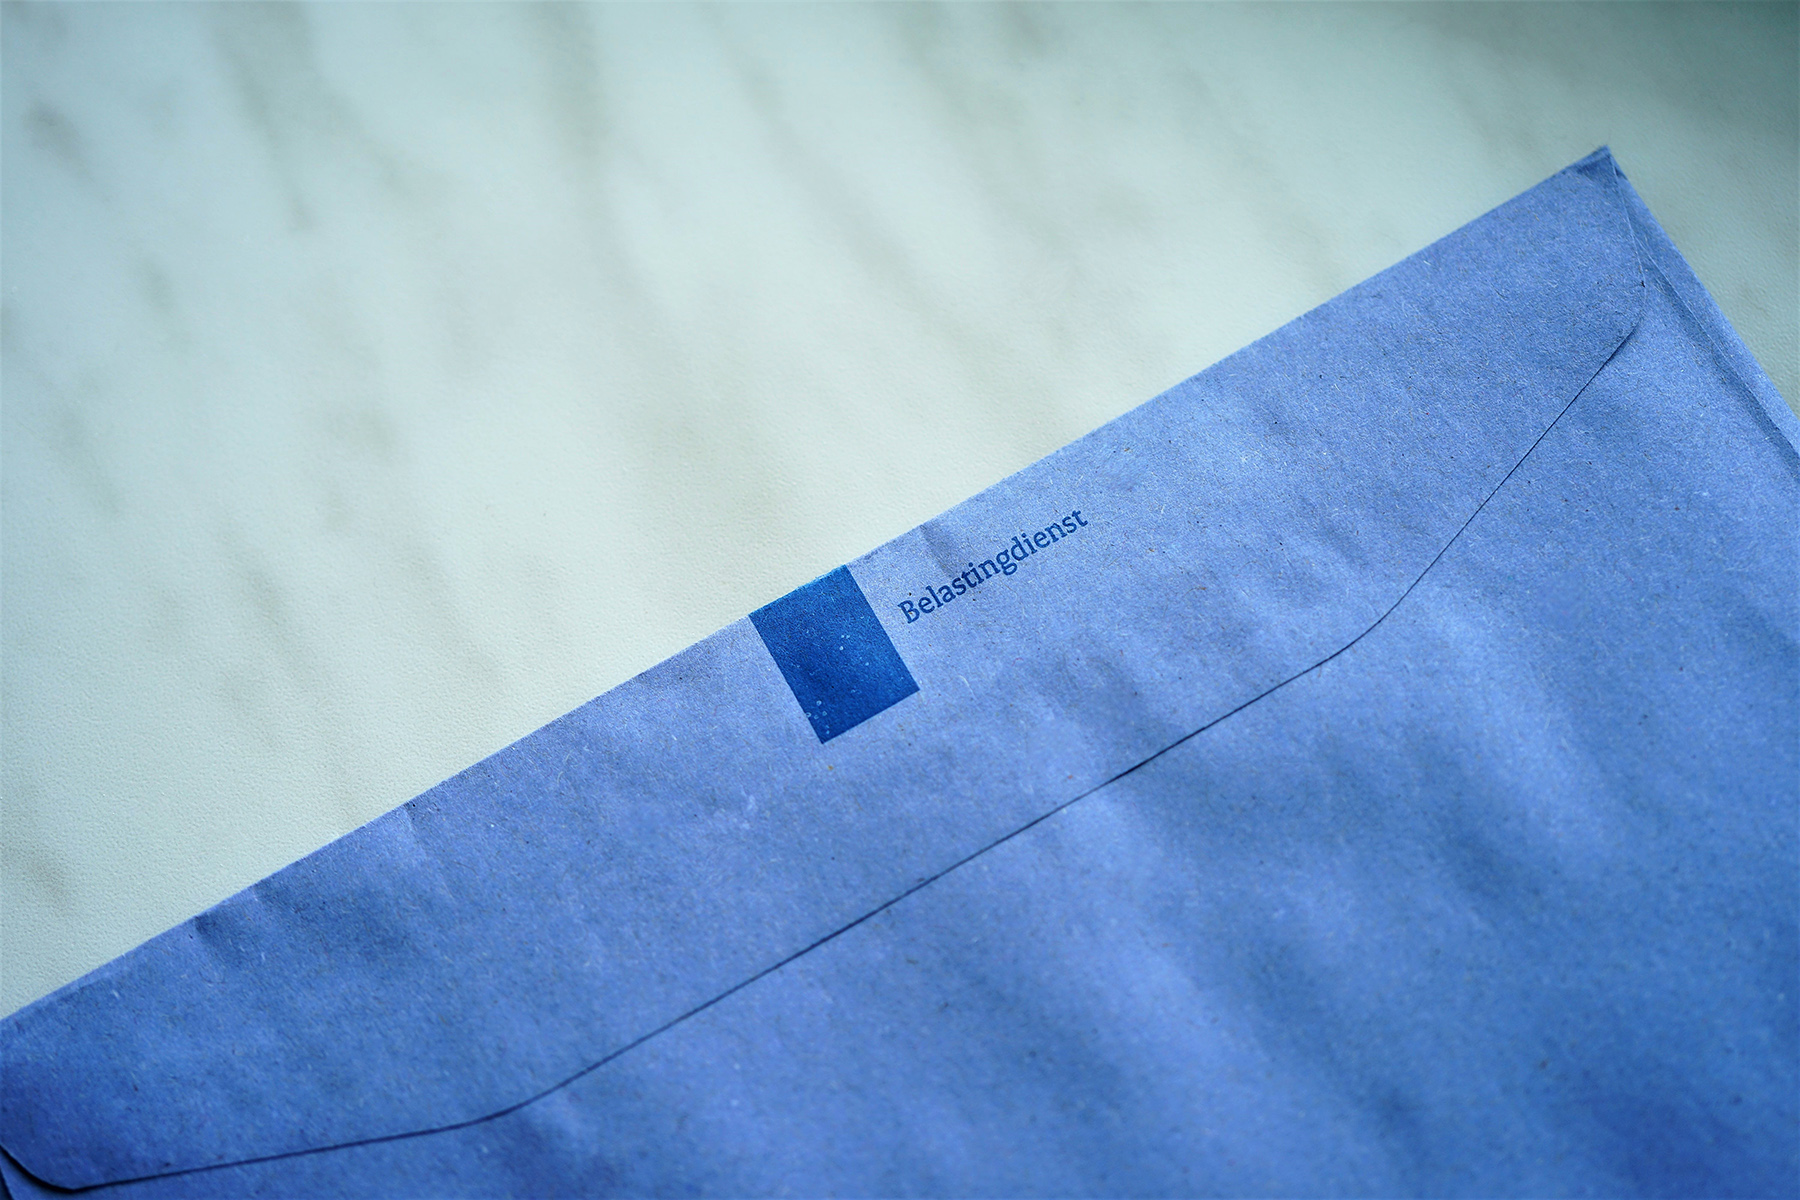 Belastingdienst envelope